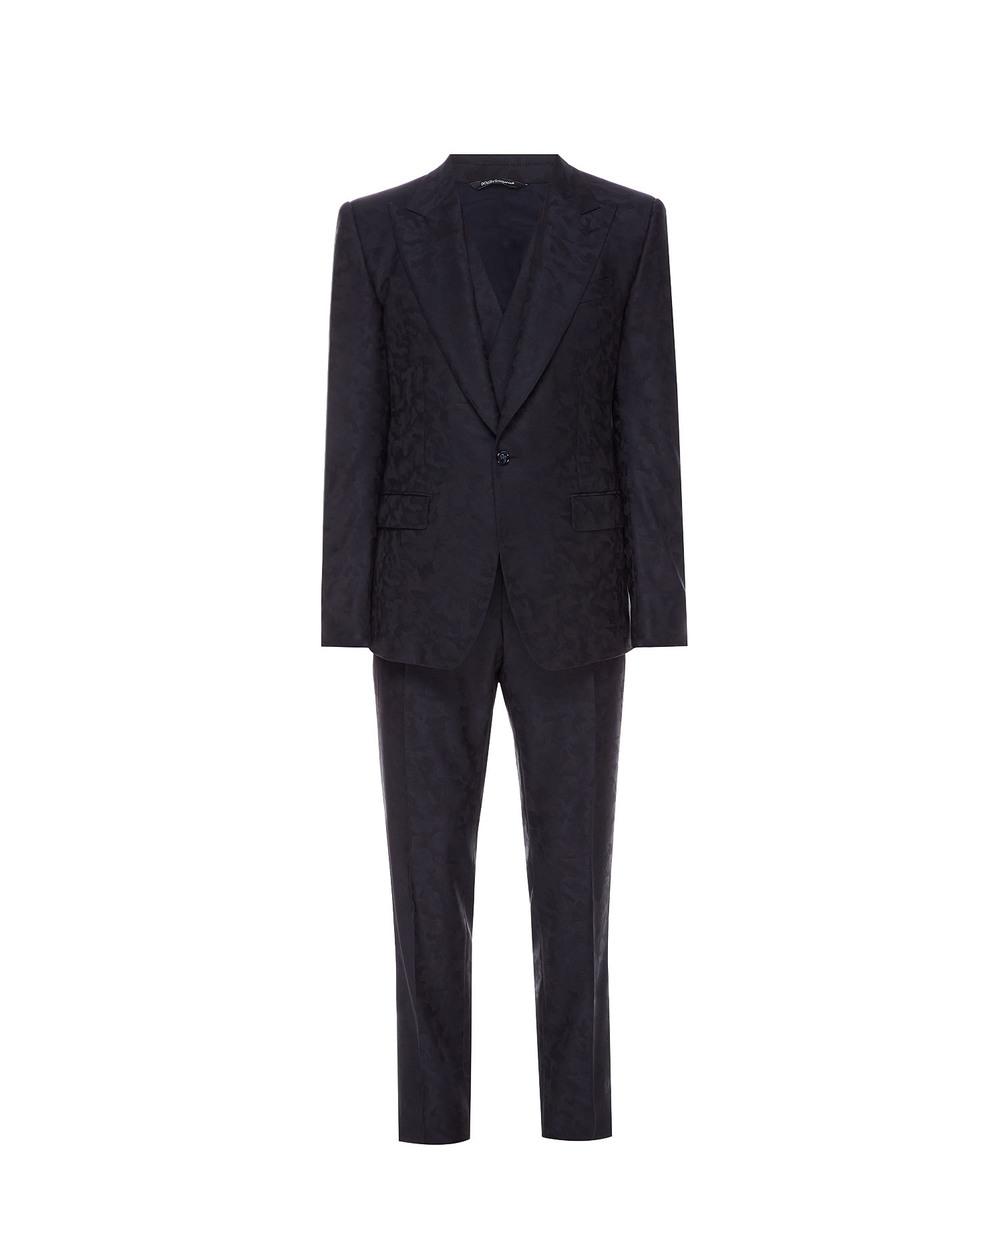 Шерстяной костюм (пиджак, жилет, брюки) Dolce&Gabbana GKEJMT-FJ2B4 — Kameron